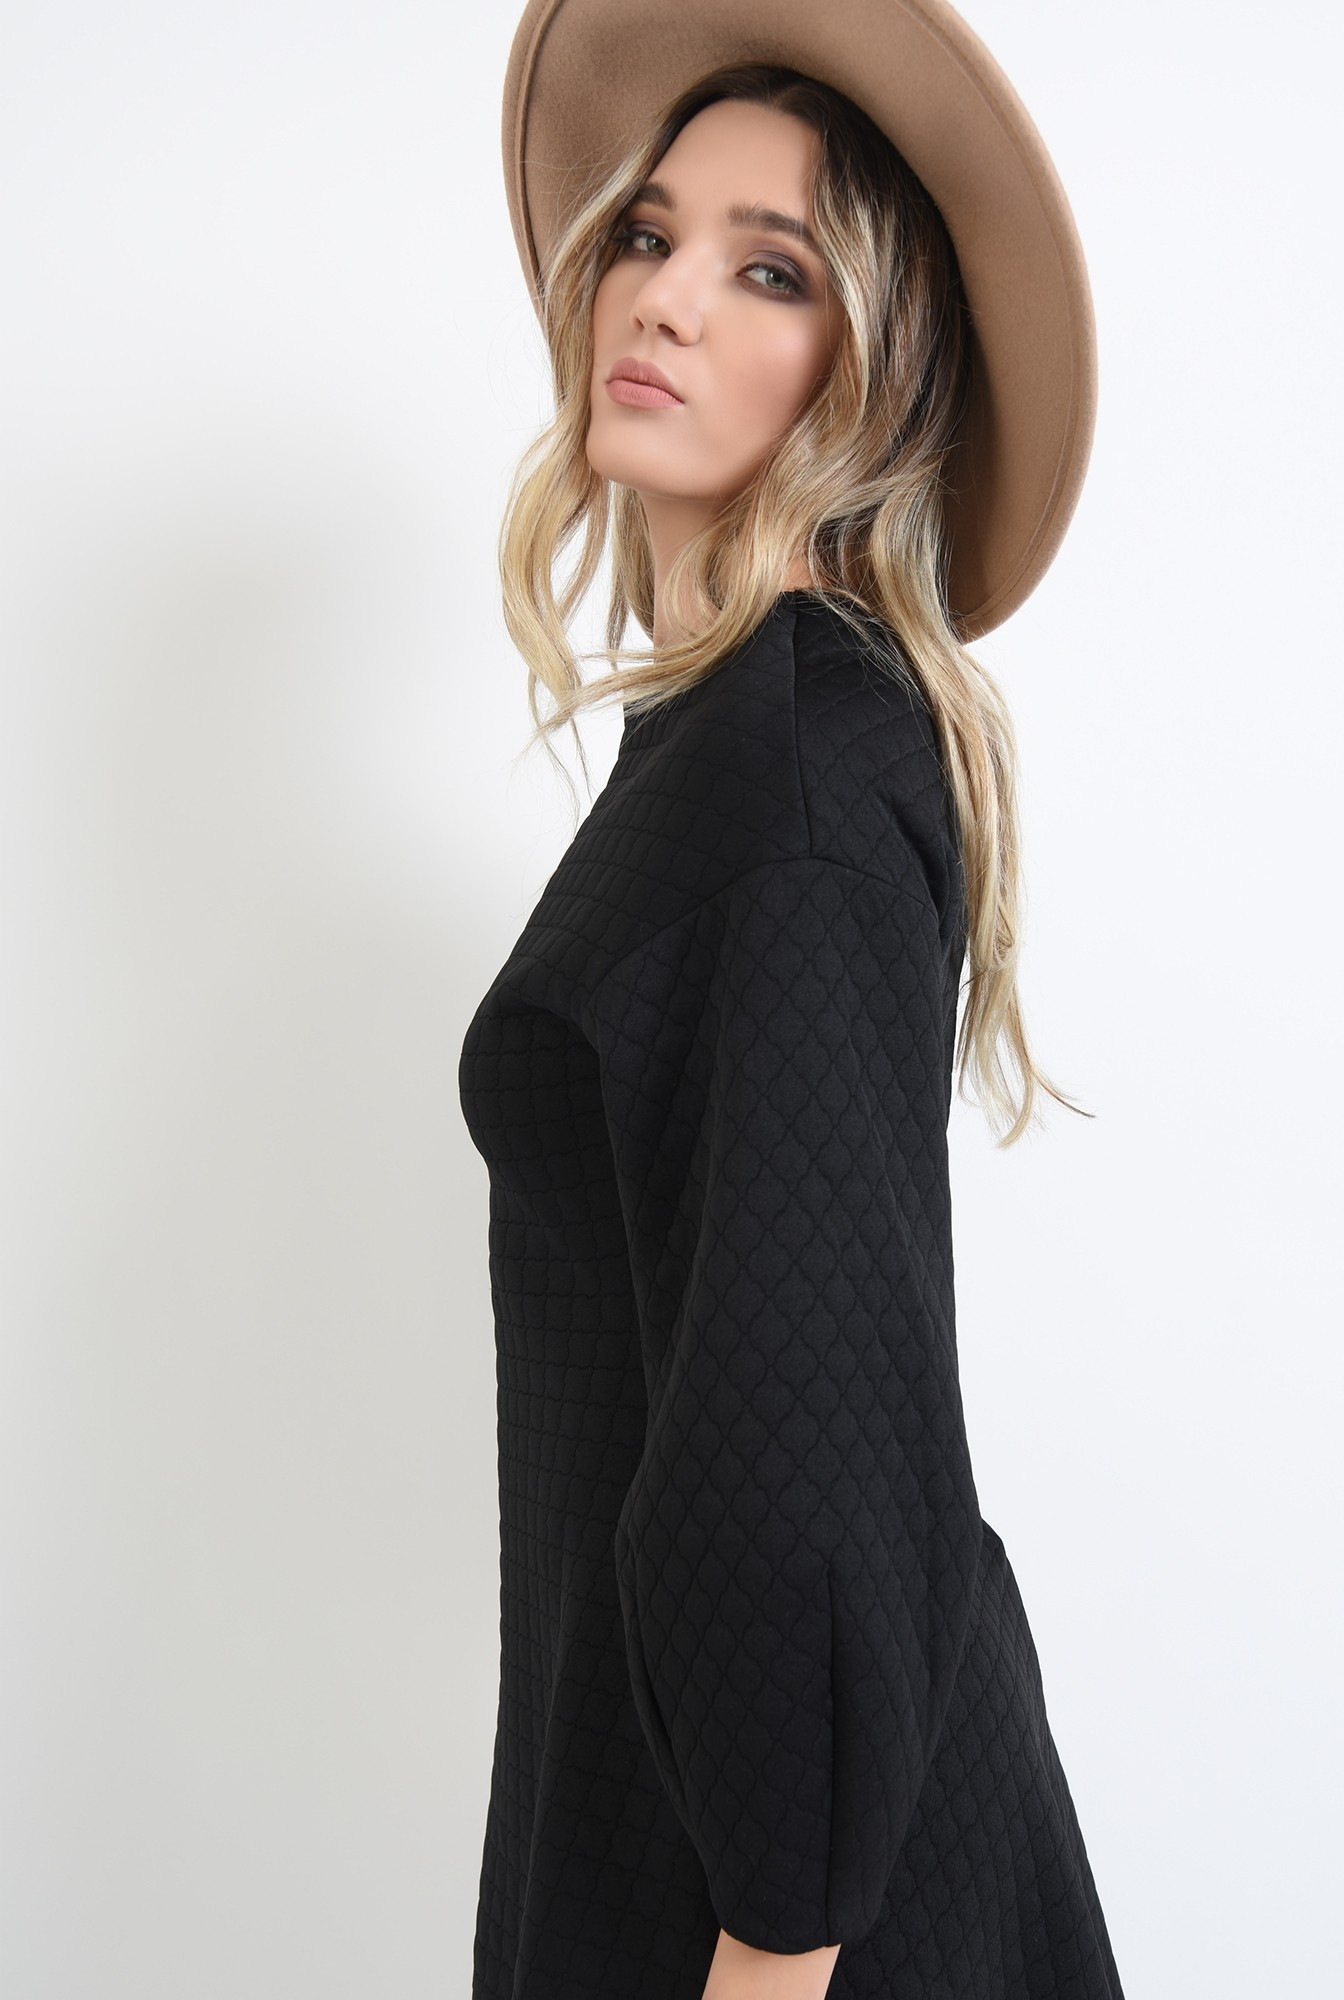 2 - rochie mini, neagra, cu maneci bufante, Poema